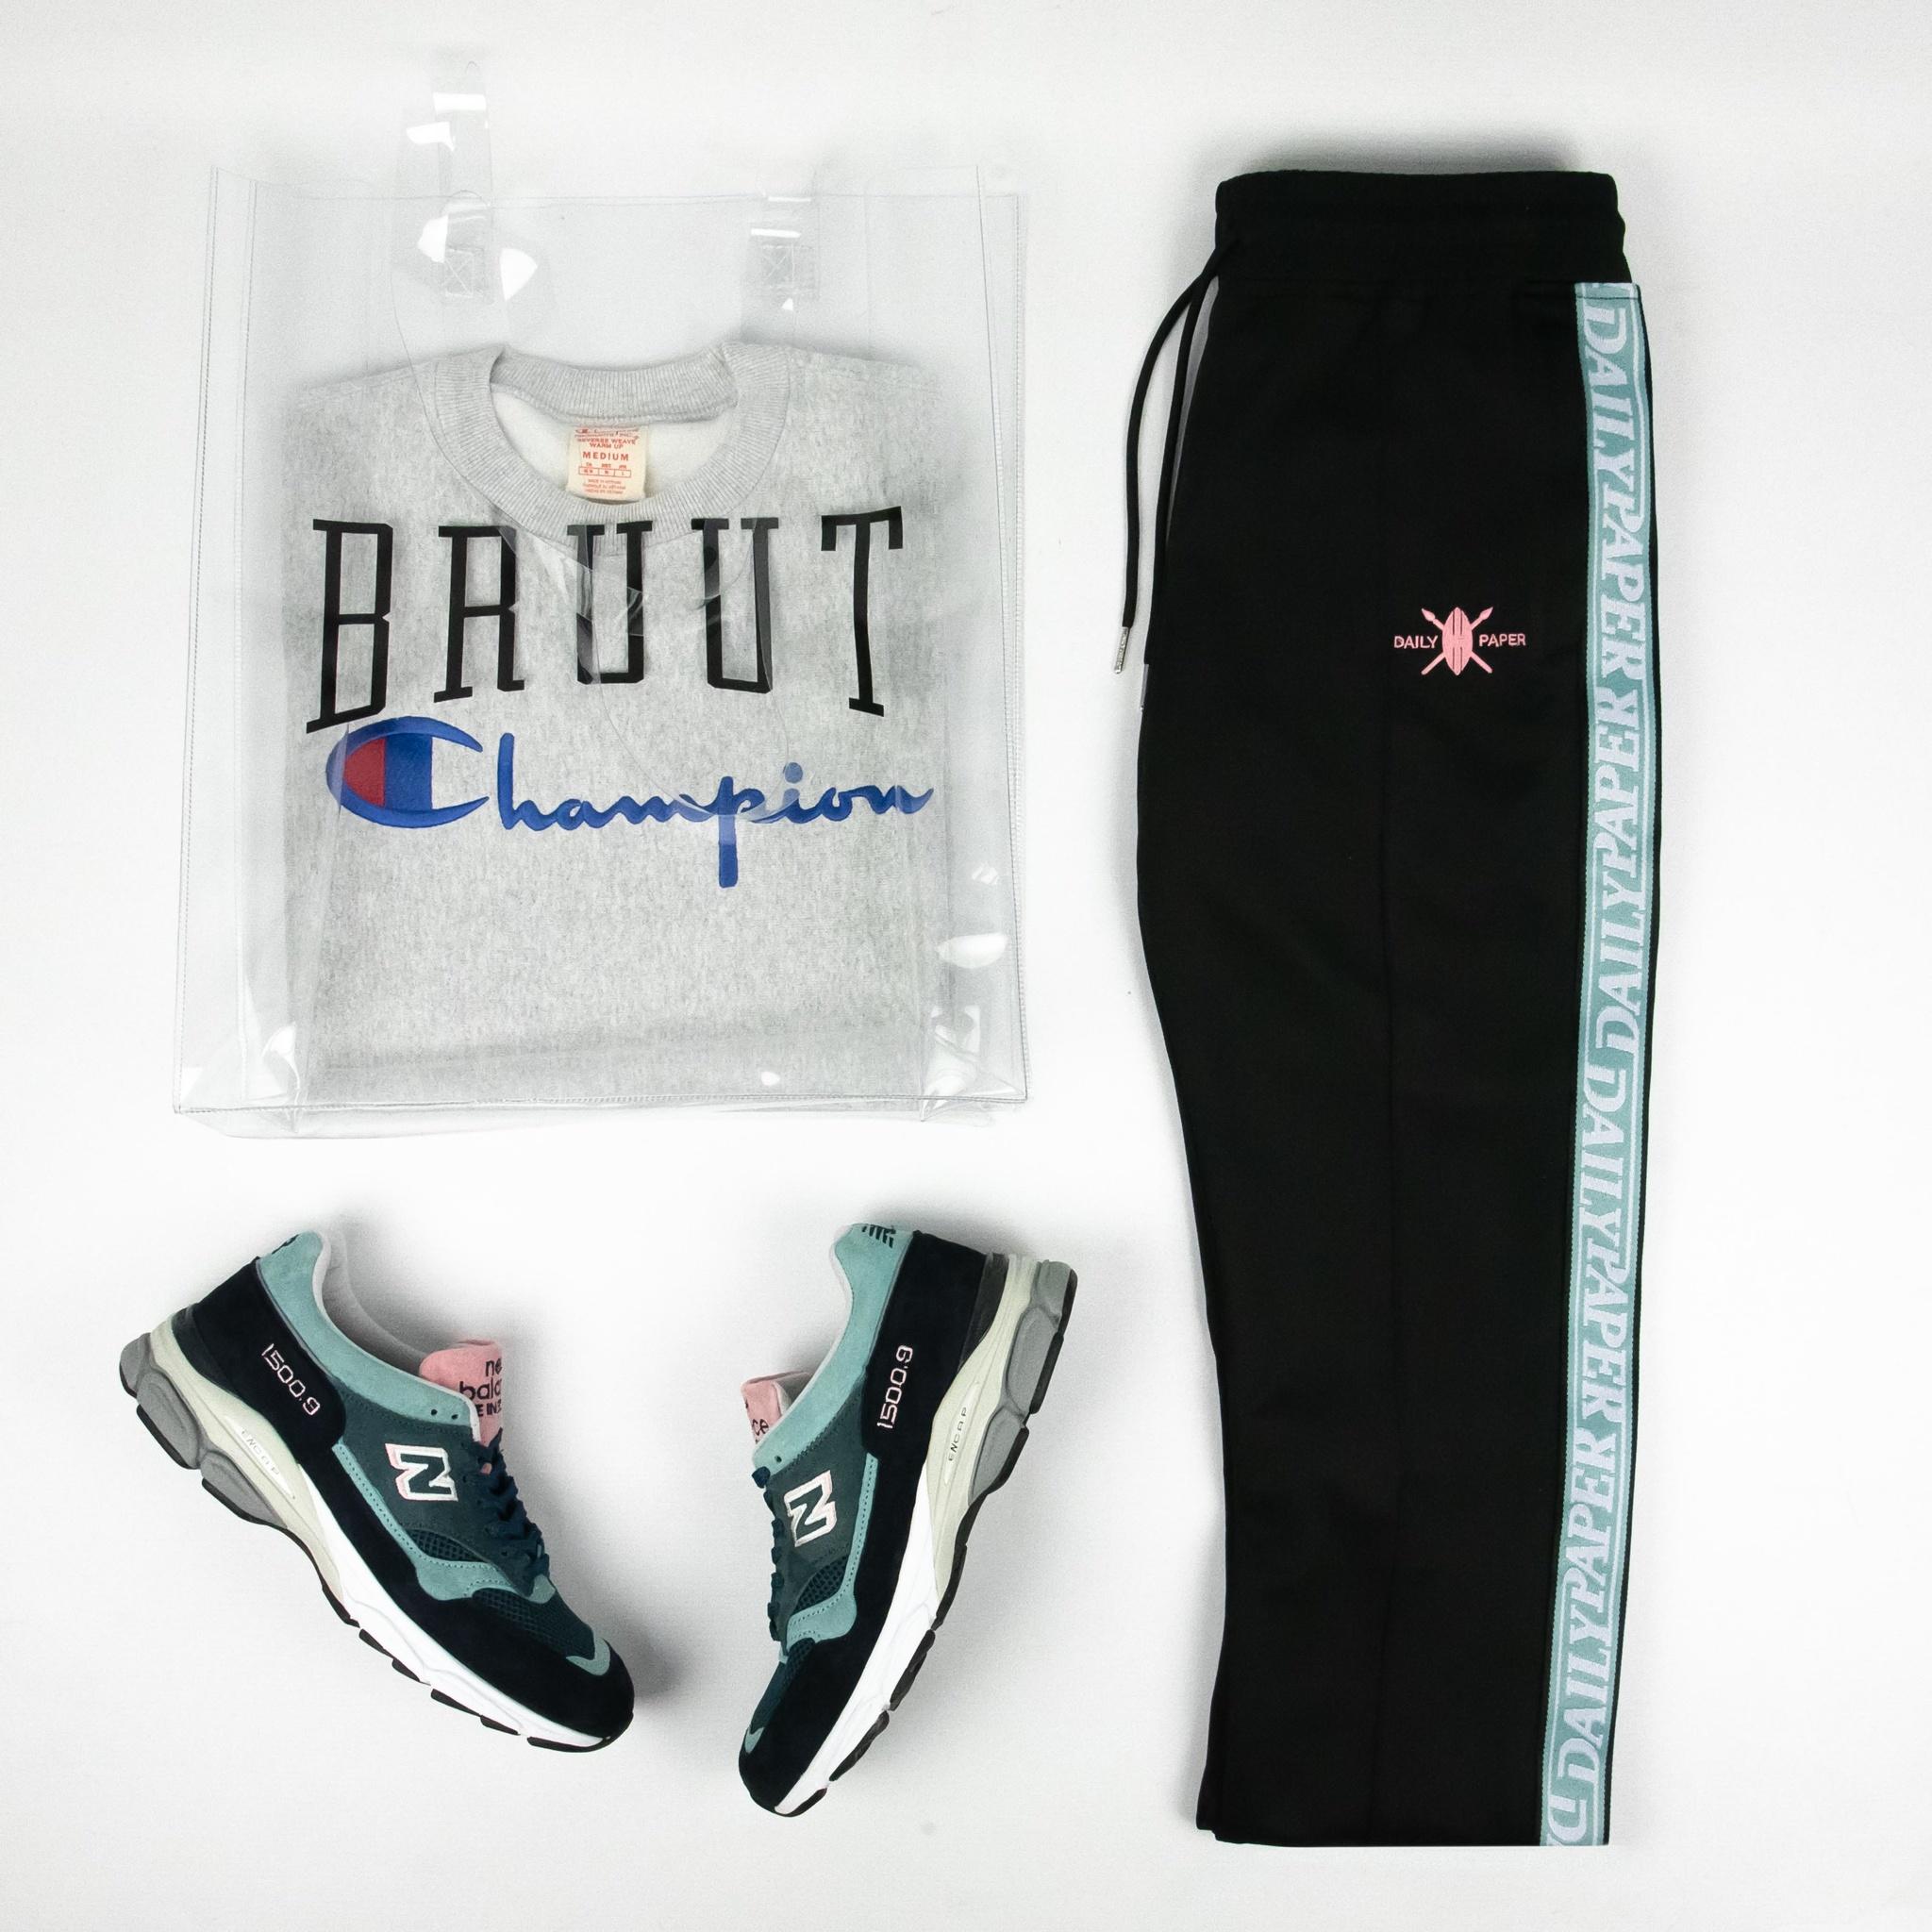 Over Bruut | Bruut Online Shop & Sneaker Store Bruut